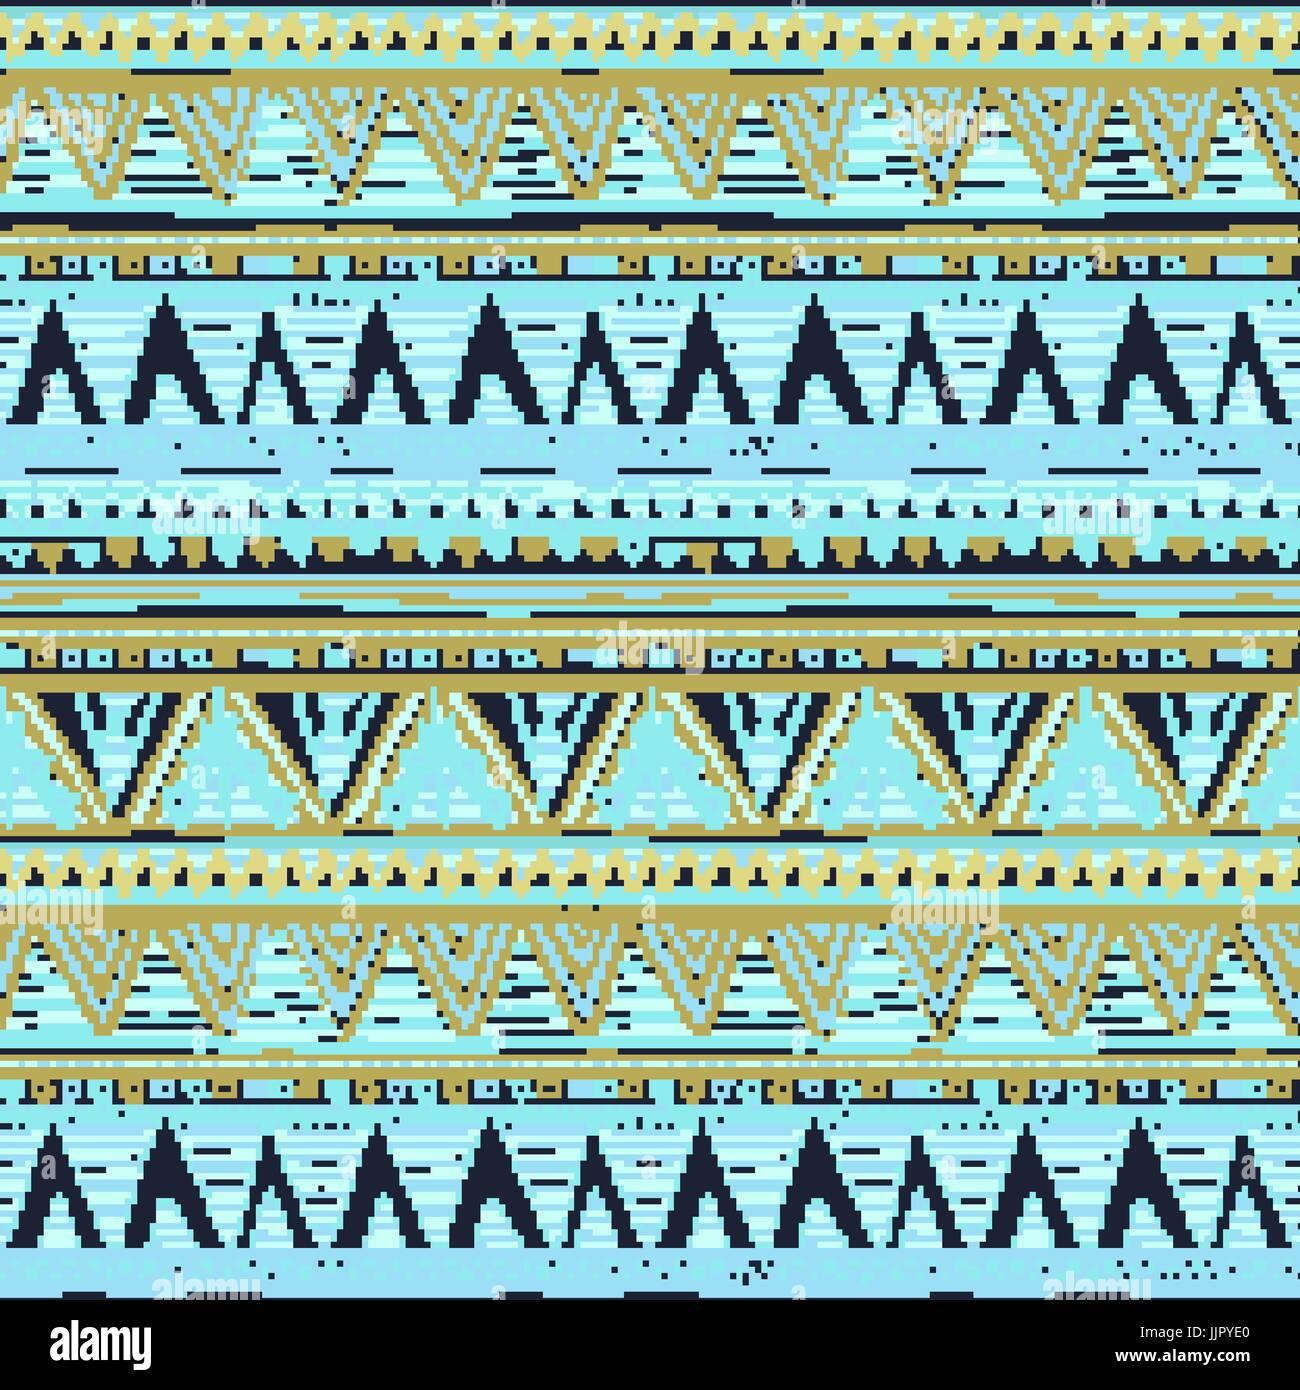 Boho Ethnique Modele Homogene Art Tribal Aztec Print Ornement De